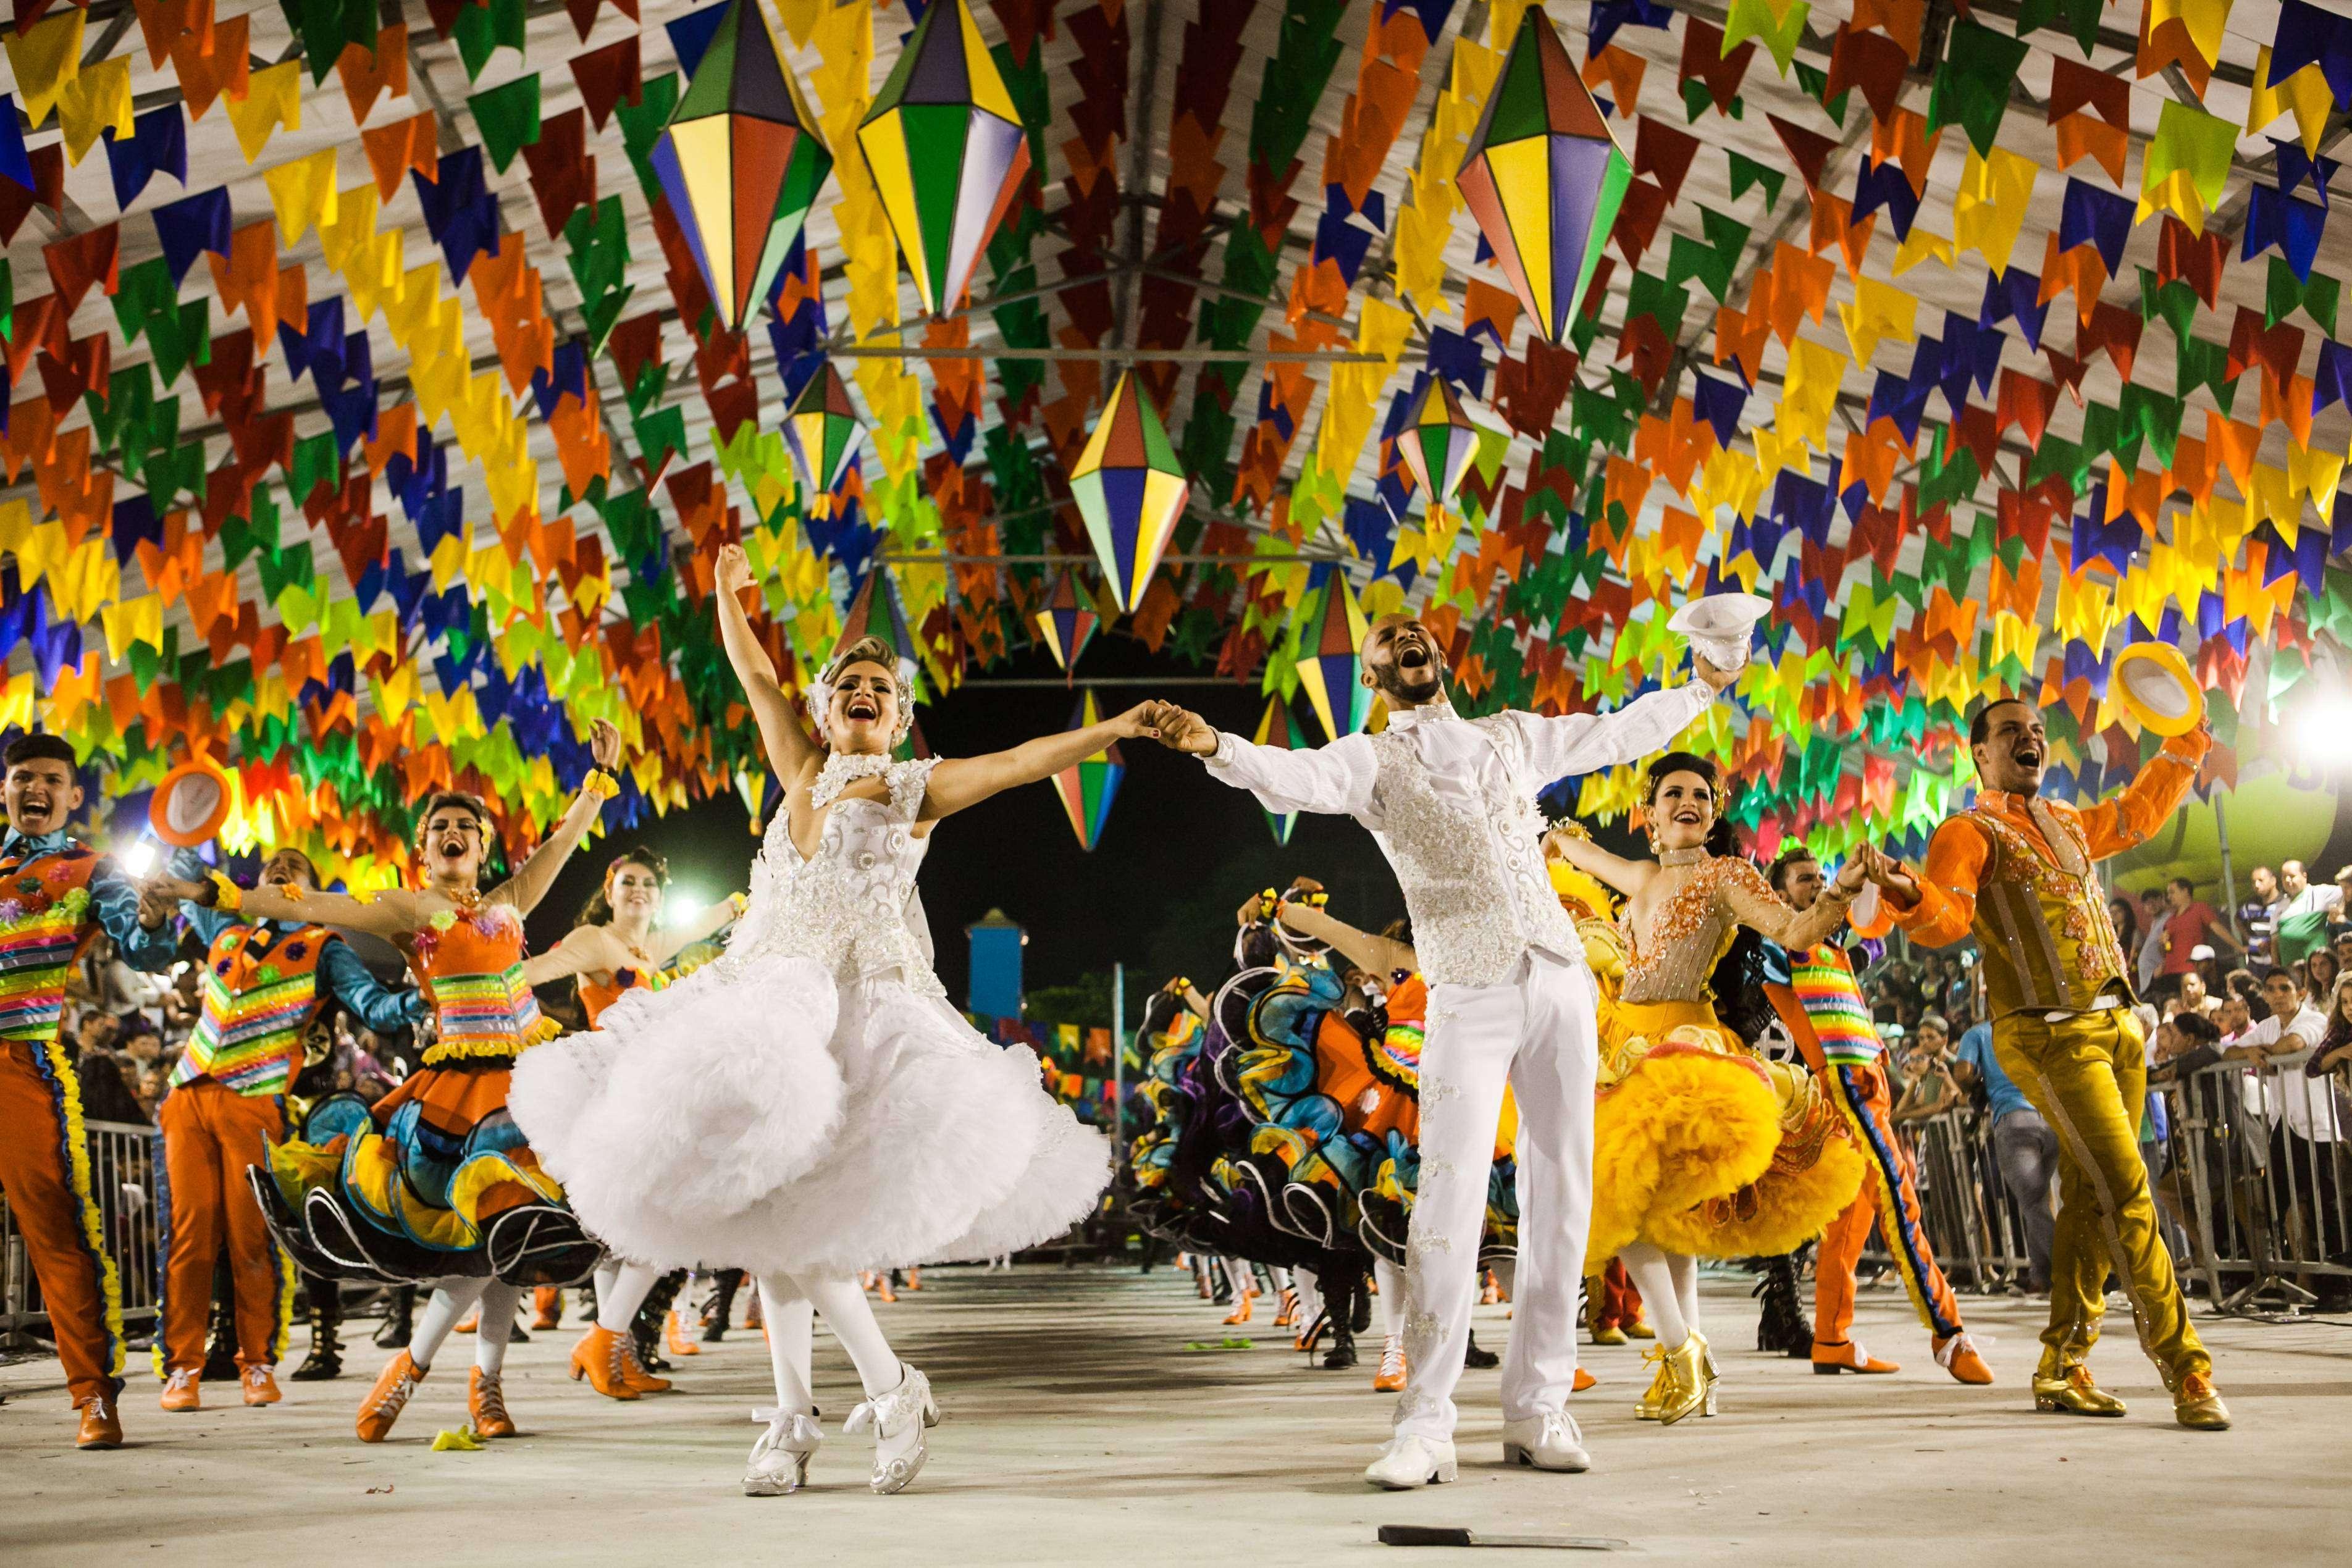 Folclore da região Nordeste - Festas Juninas